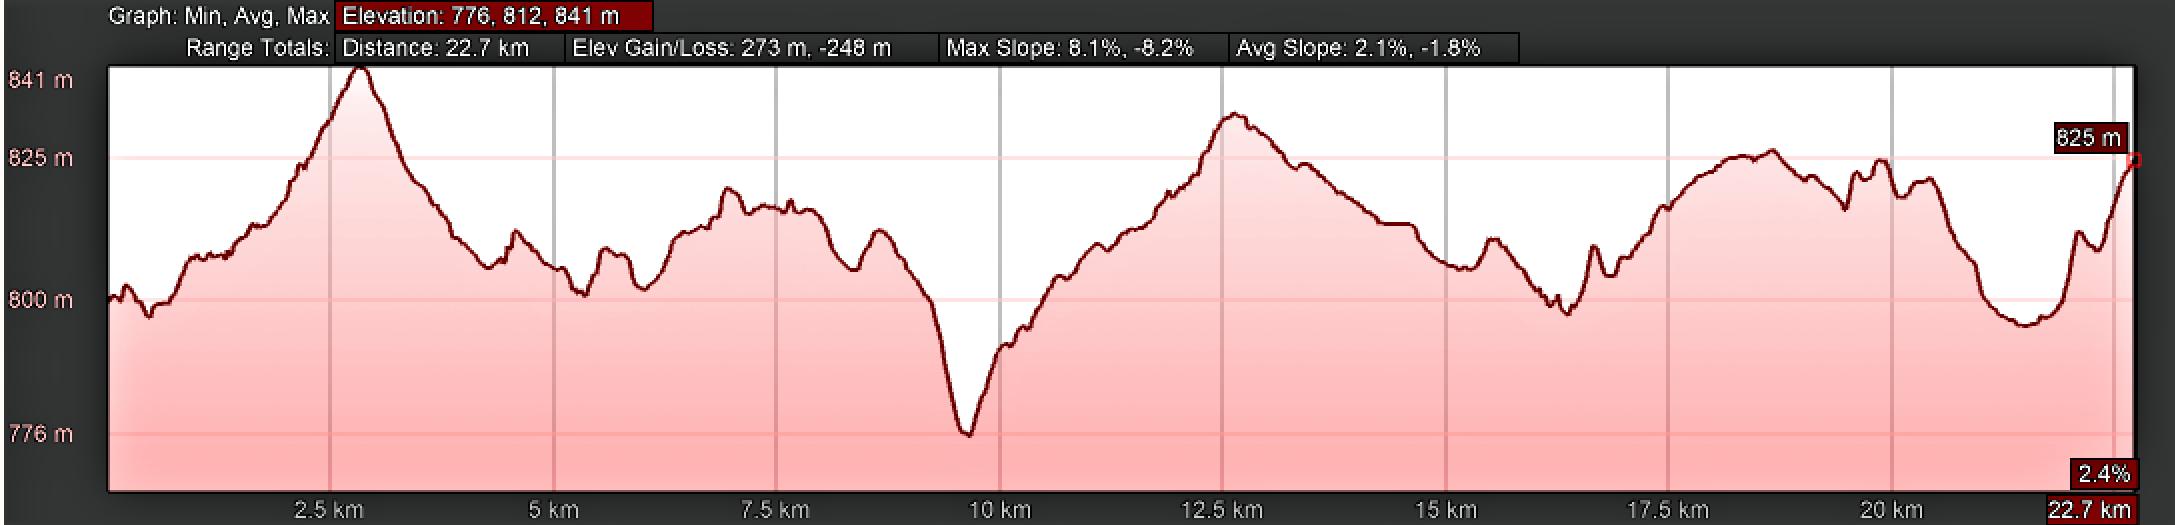 Elevation Profile, Vía de la Plata, Salamanca to Cañedino